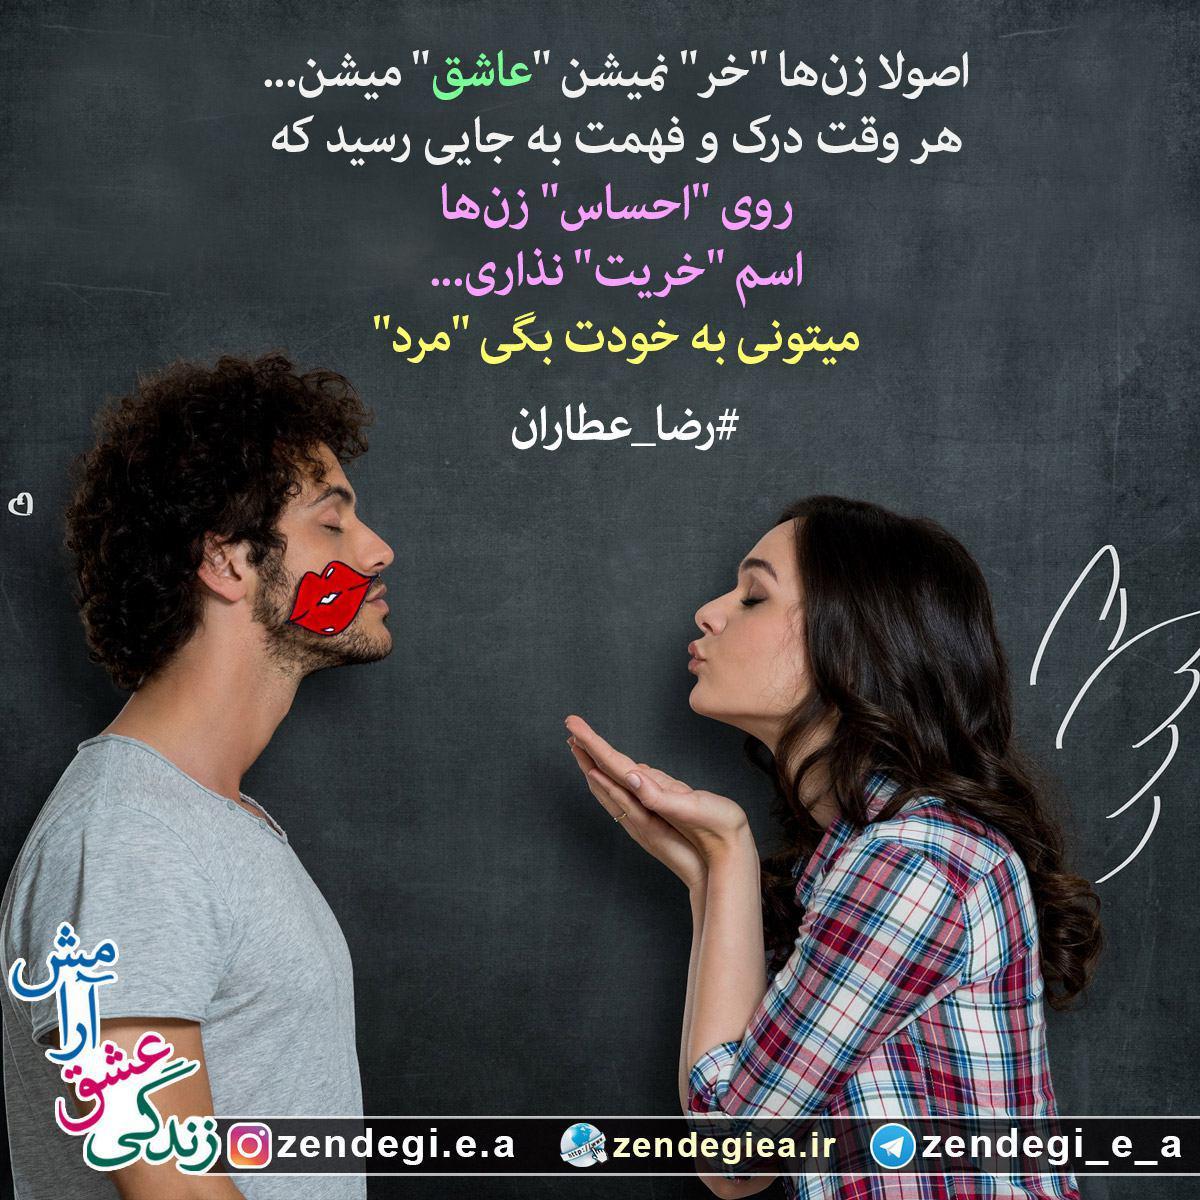 اصولا زنها عاشق میشوند…